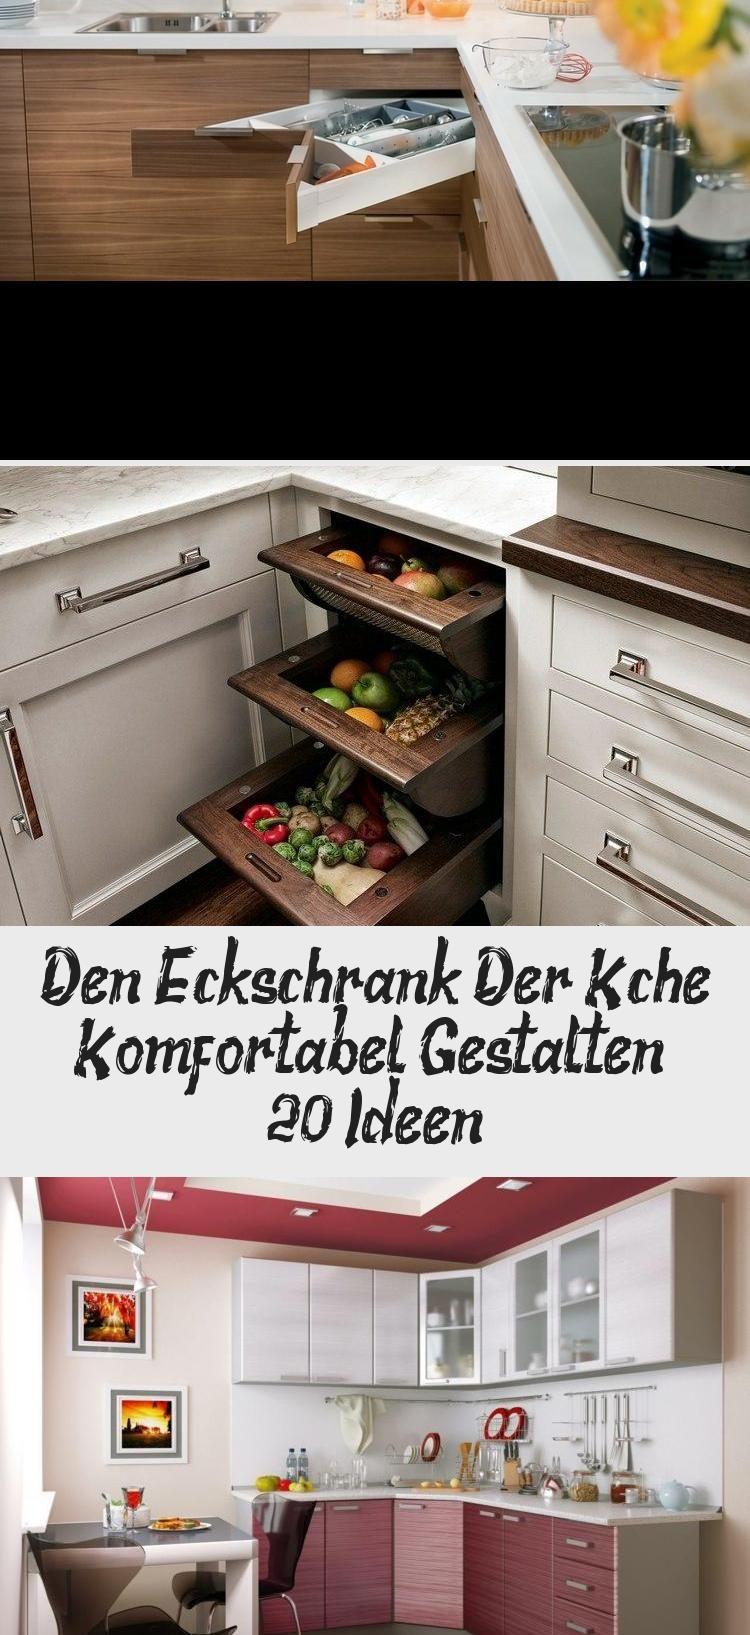 Den Eckschrank Der Kuche Komfortabel Gestalten 20 Ideen Kitchen Cabinets Kitchen Wall Oven